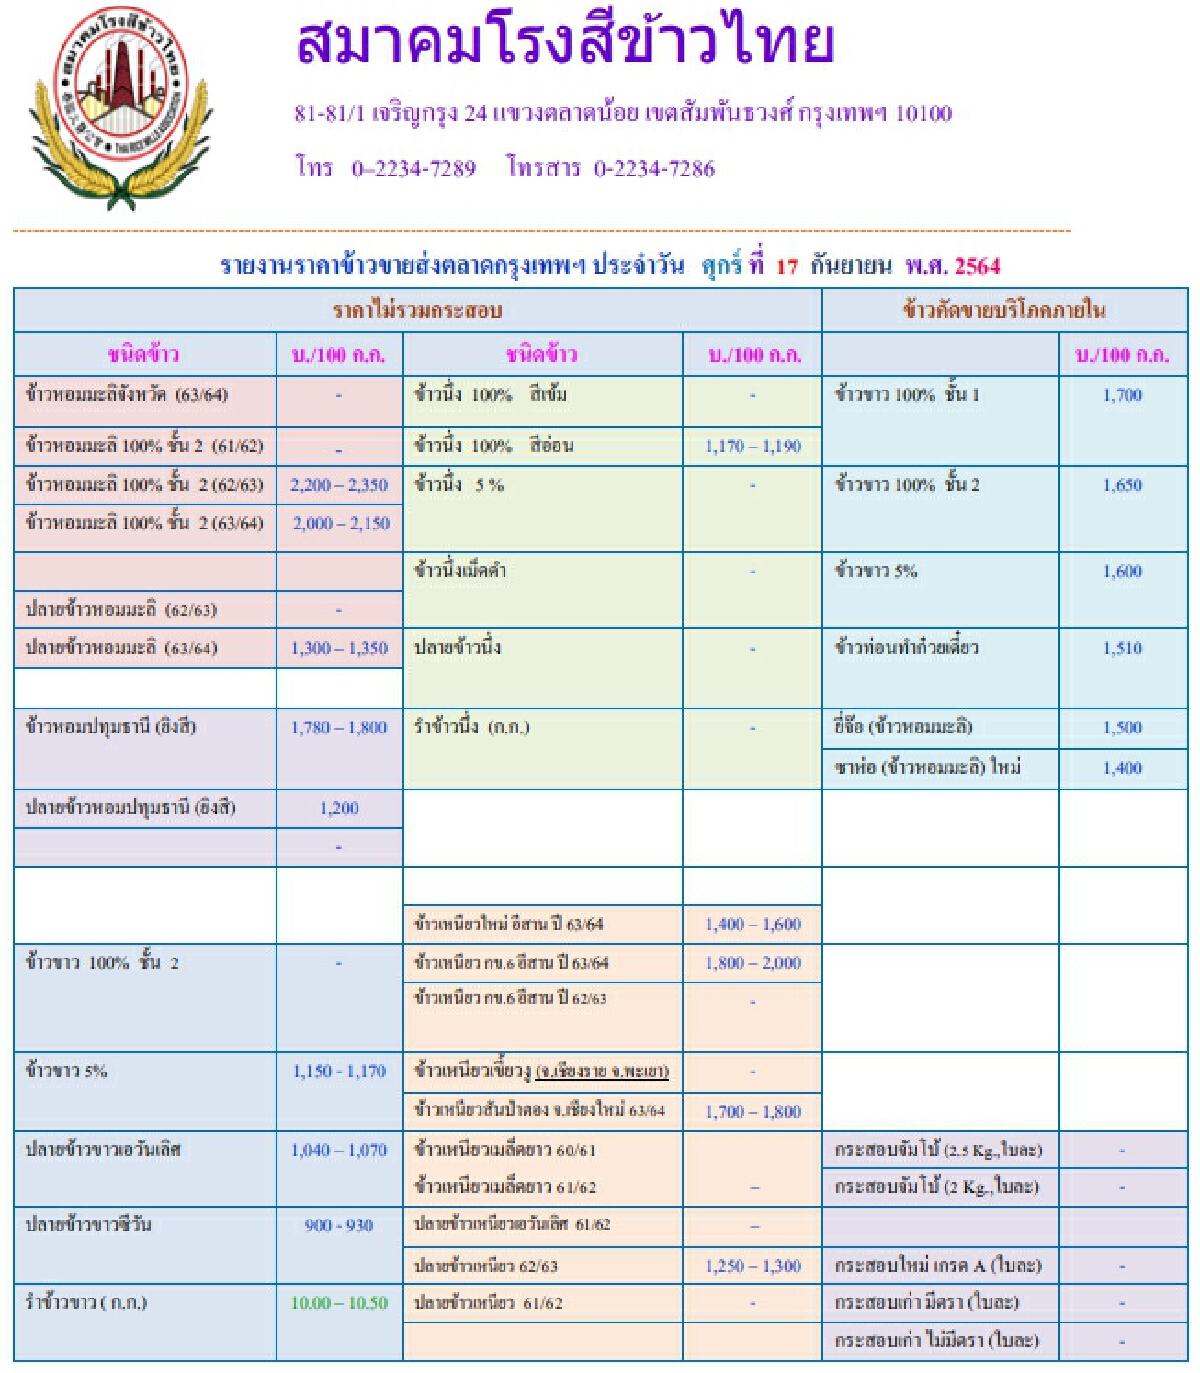 รายงานราคาข้าวขายส่งตลาดกรุงเทพฯ (สมาคมโรงสีข้าวไทย) (17 กันยายน 2564)